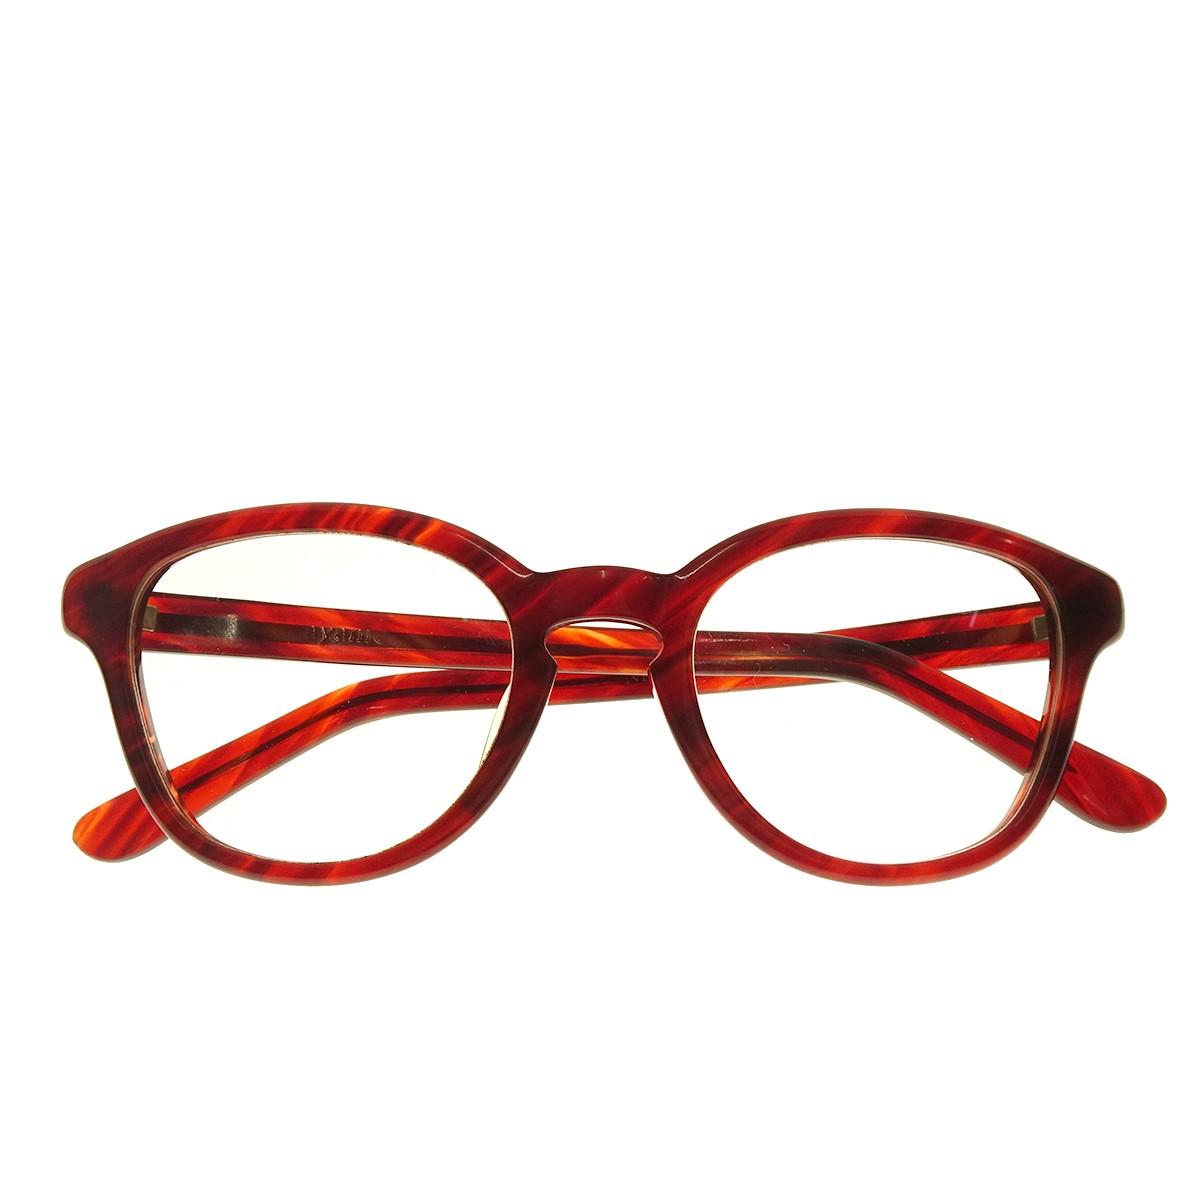 【中古】ayame NEWOLD ボスリントン眼鏡 ブラウン サイズ:49□21 【110320】(アヤメ)